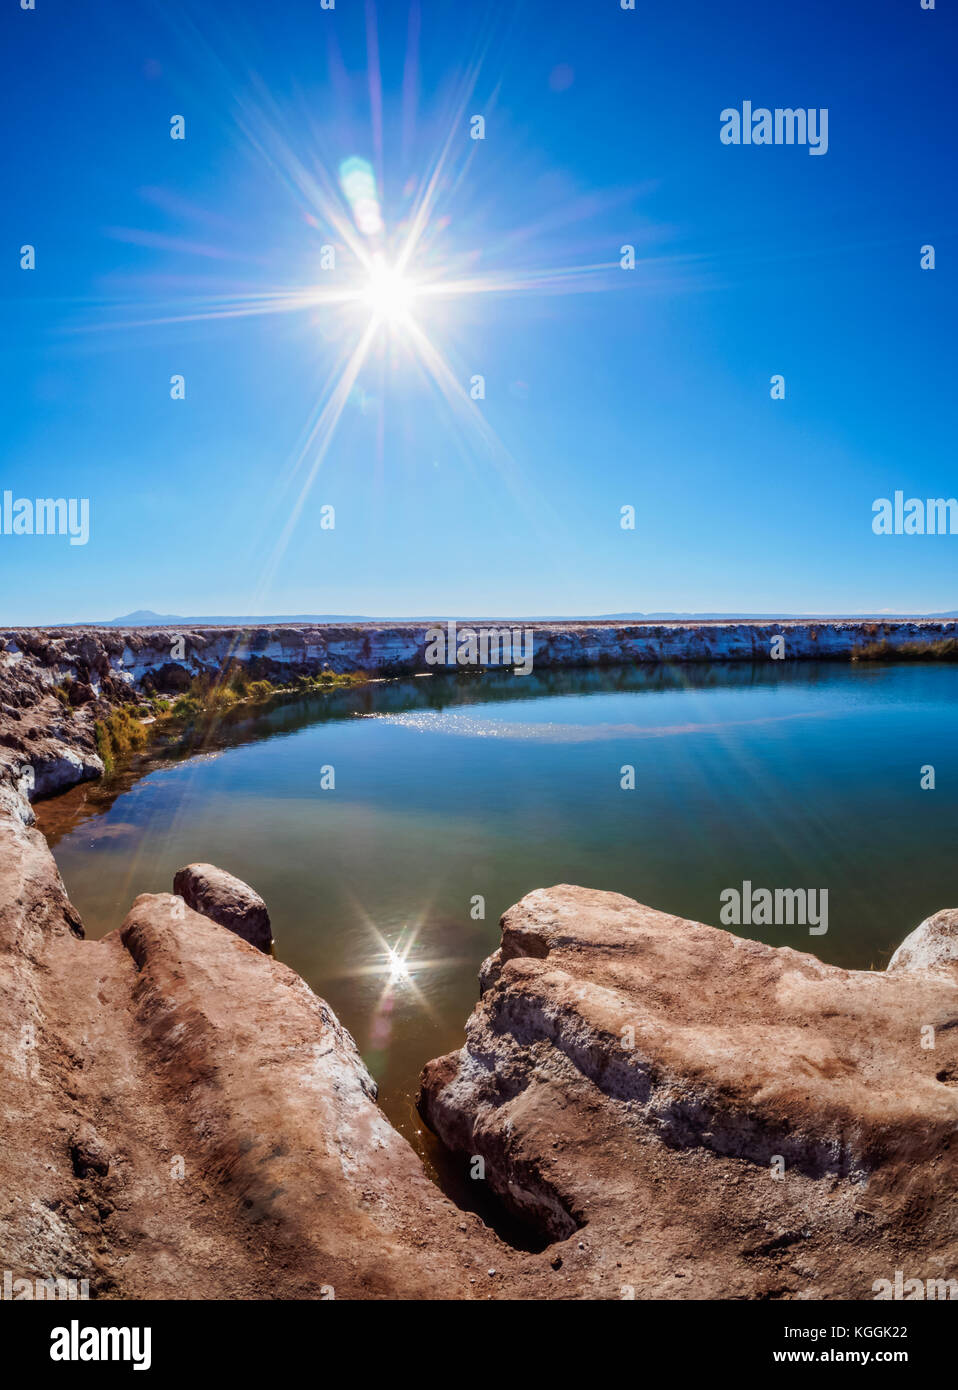 Ojos del Salar Lagoon, Salar de Atacama nearby San Pedro de Atacama, Antofagasta Region, Chile Stock Photo